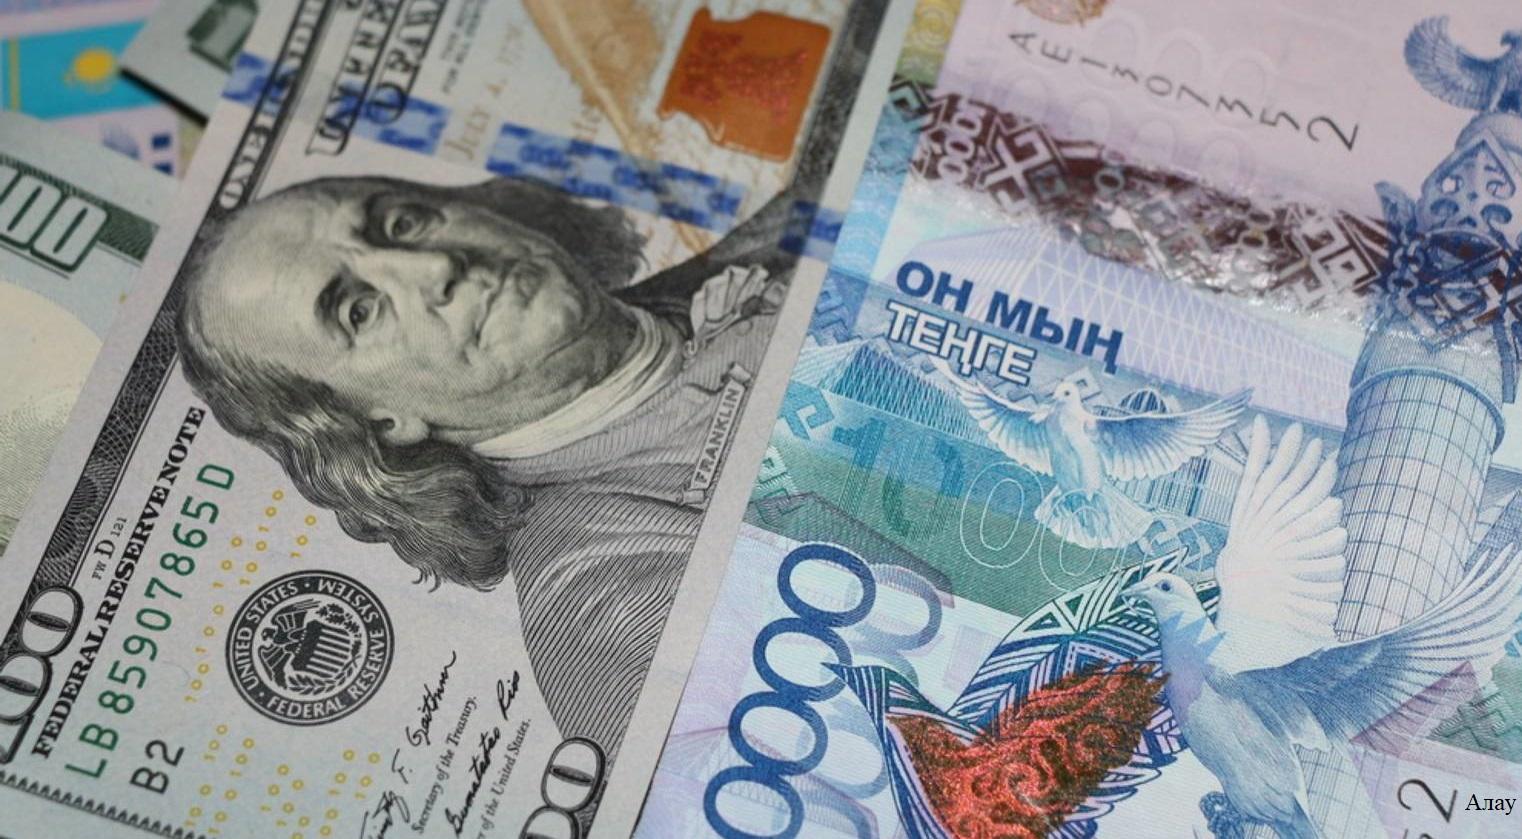 Перед длинными выходными на Казахстанской фондовой бирже возросла волатильность